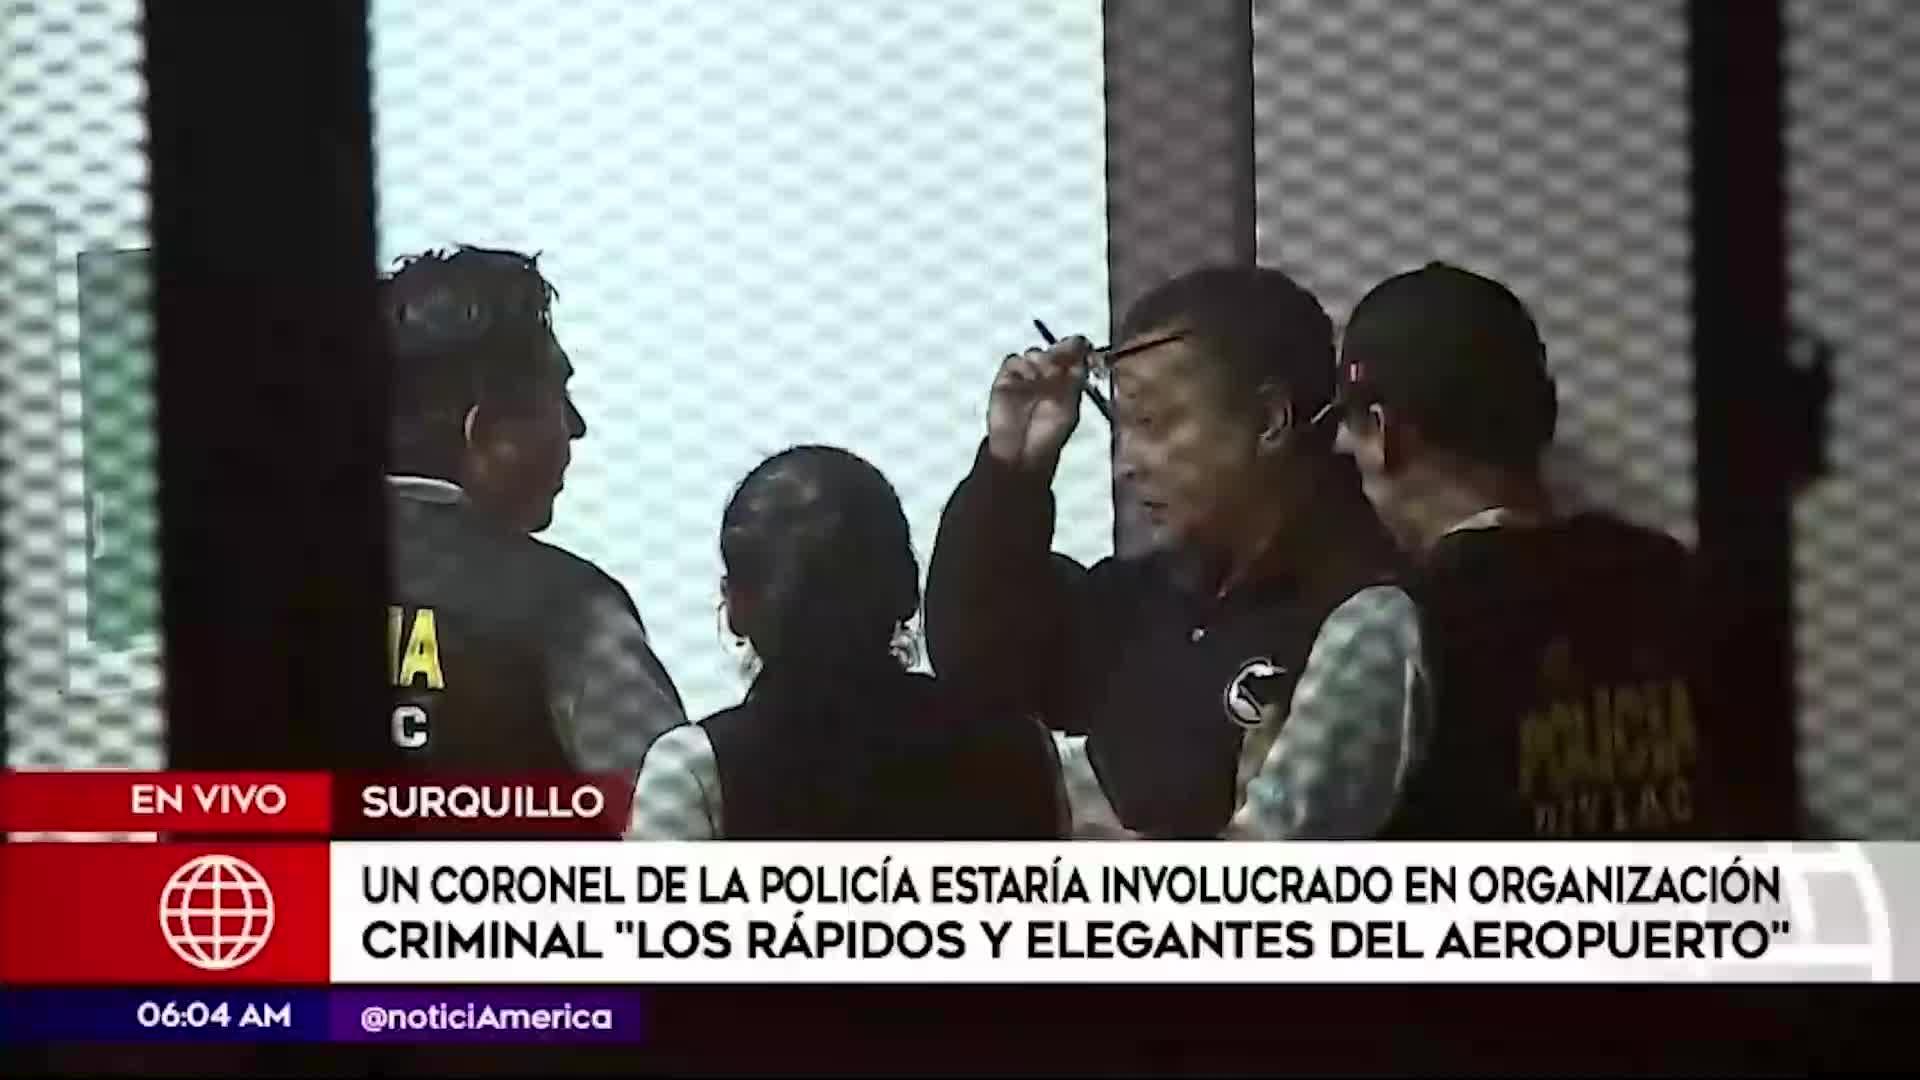 """Callao: Policía desarticuló banda criminal """"Rápidos y furiosos del aeropuerto"""""""